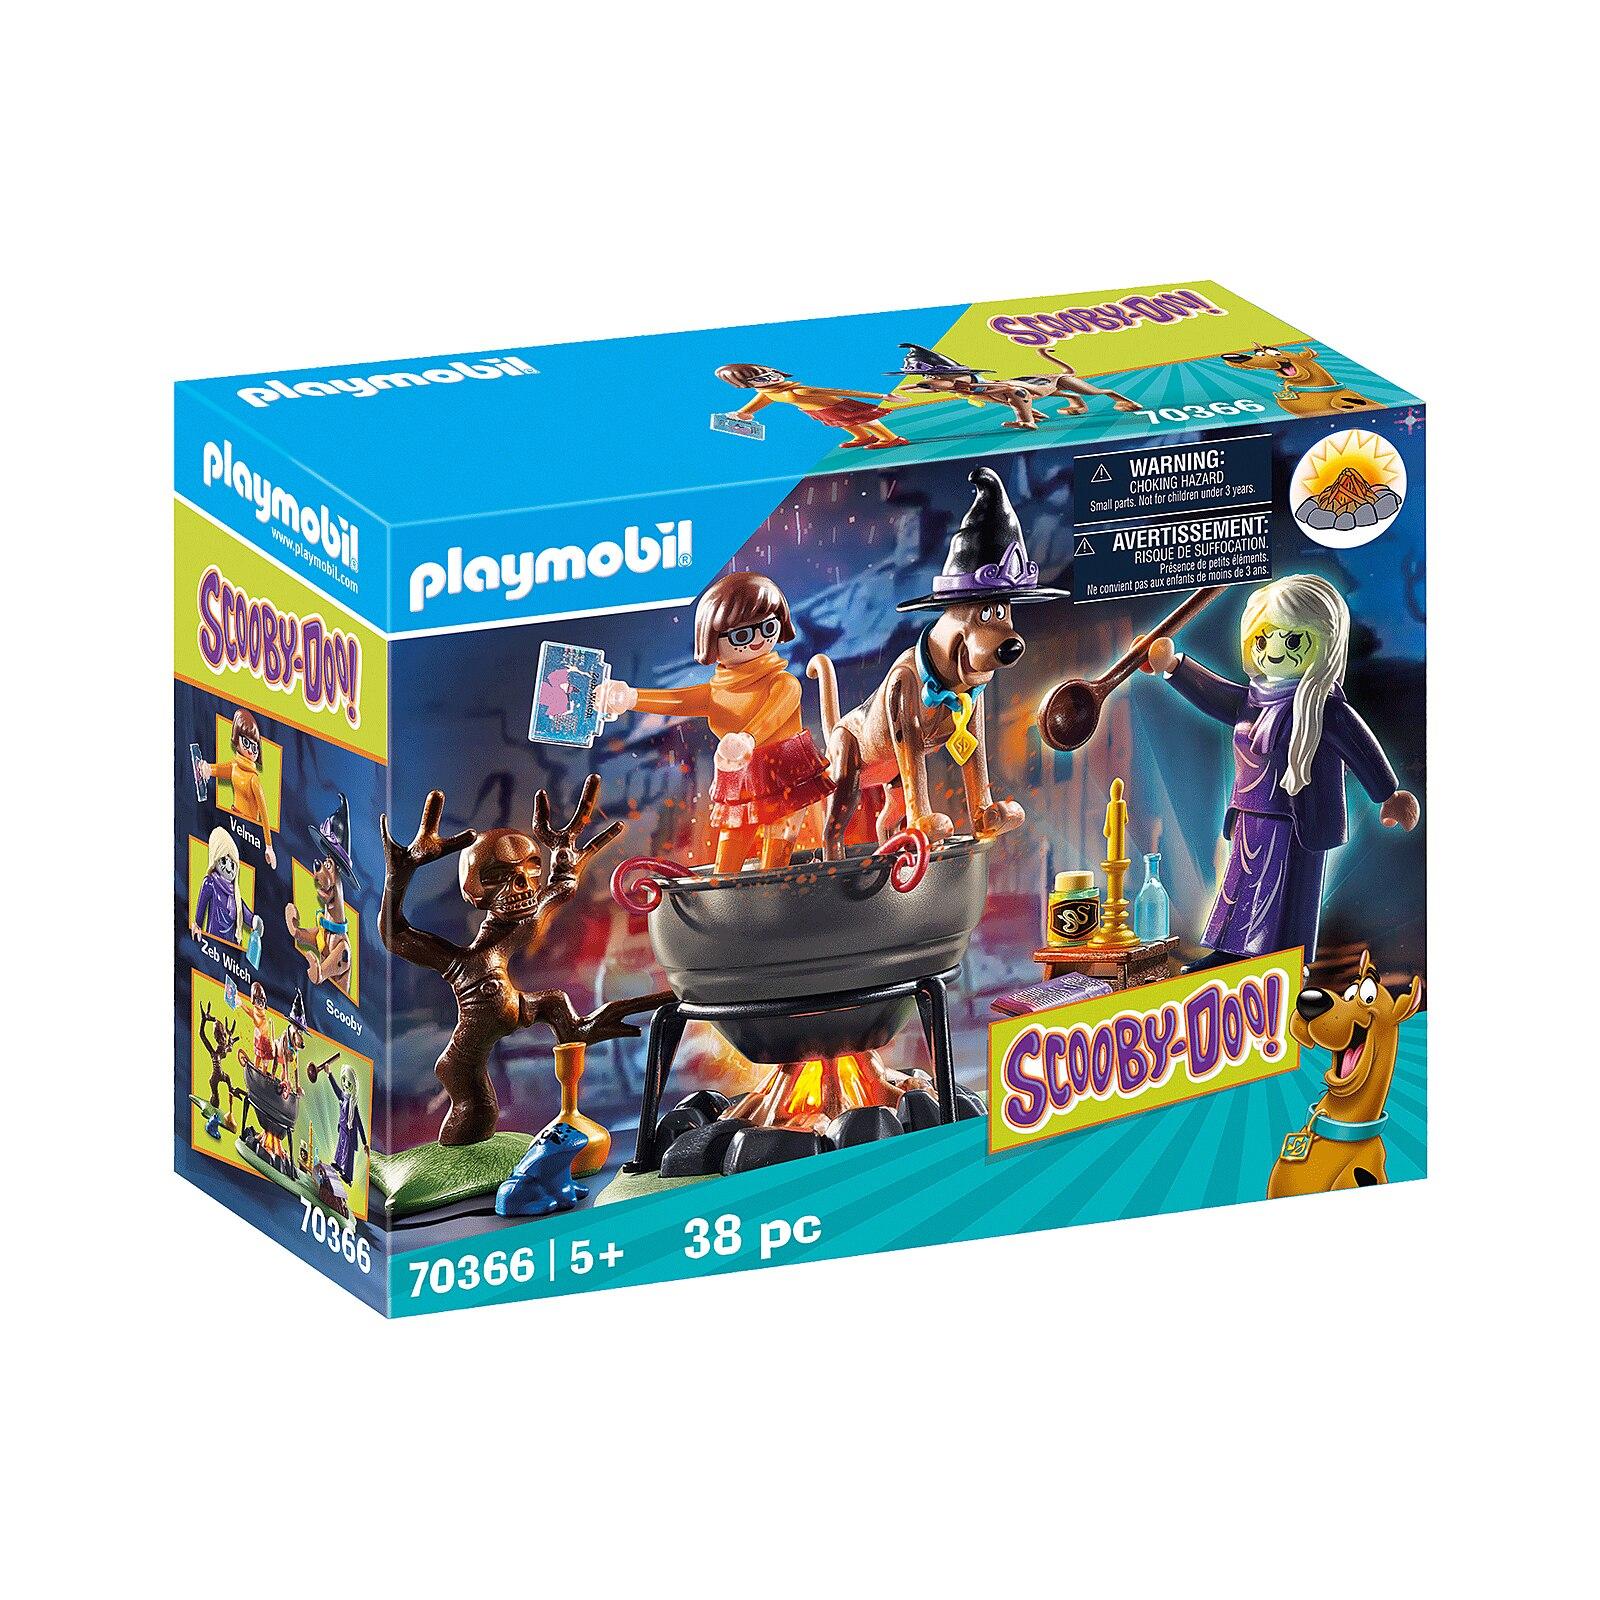 Fotografie Playmobil Scooby-Doo - Aventuri cu Vrajitoare